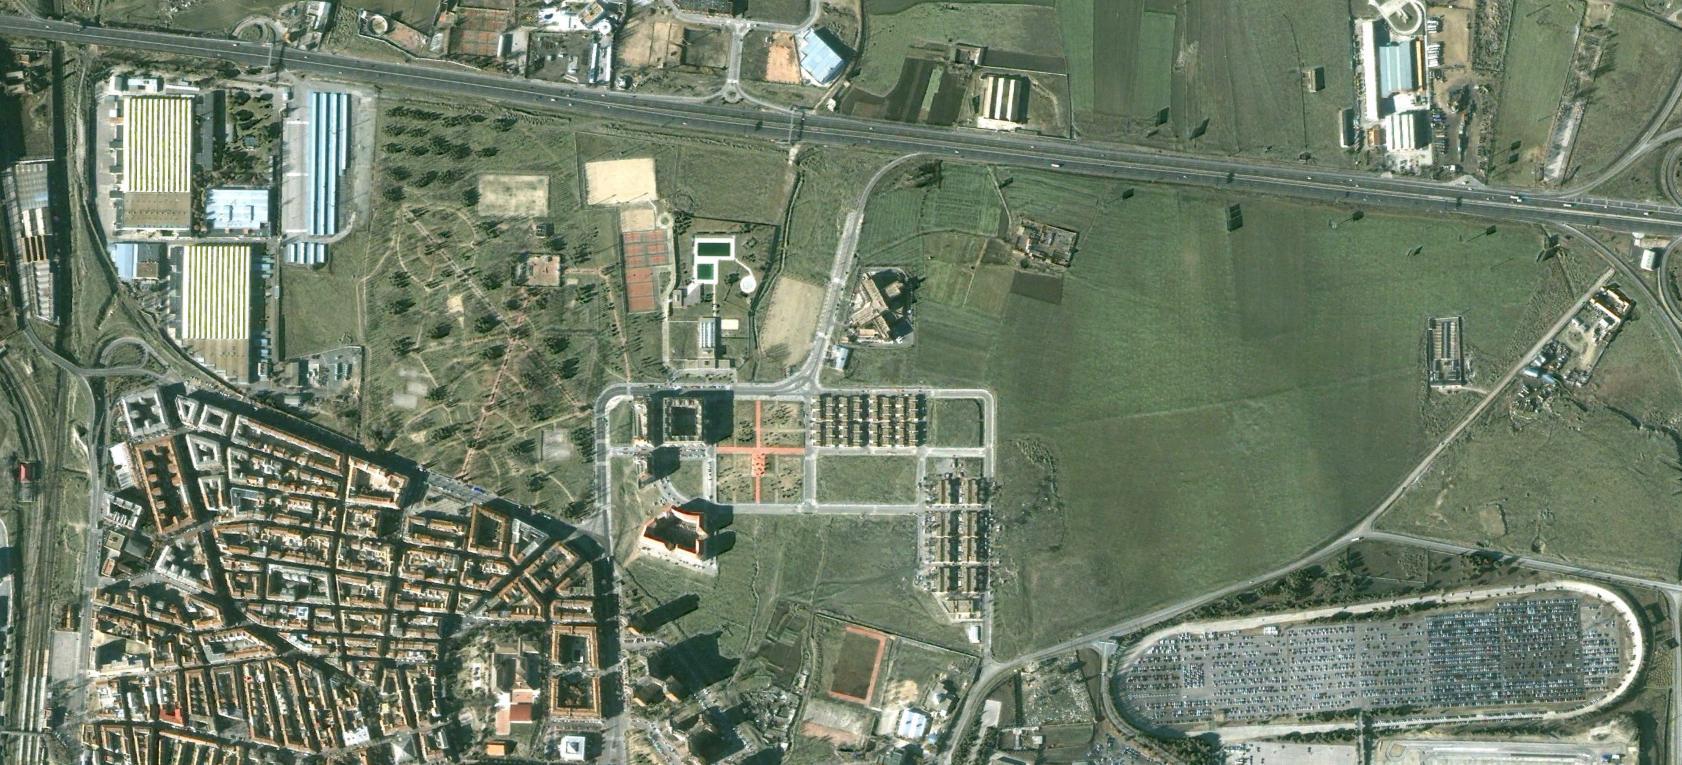 villaverde, madrid, greenville, antes, urbanismo, planeamiento, urbano, desastre, urbanístico, construcción